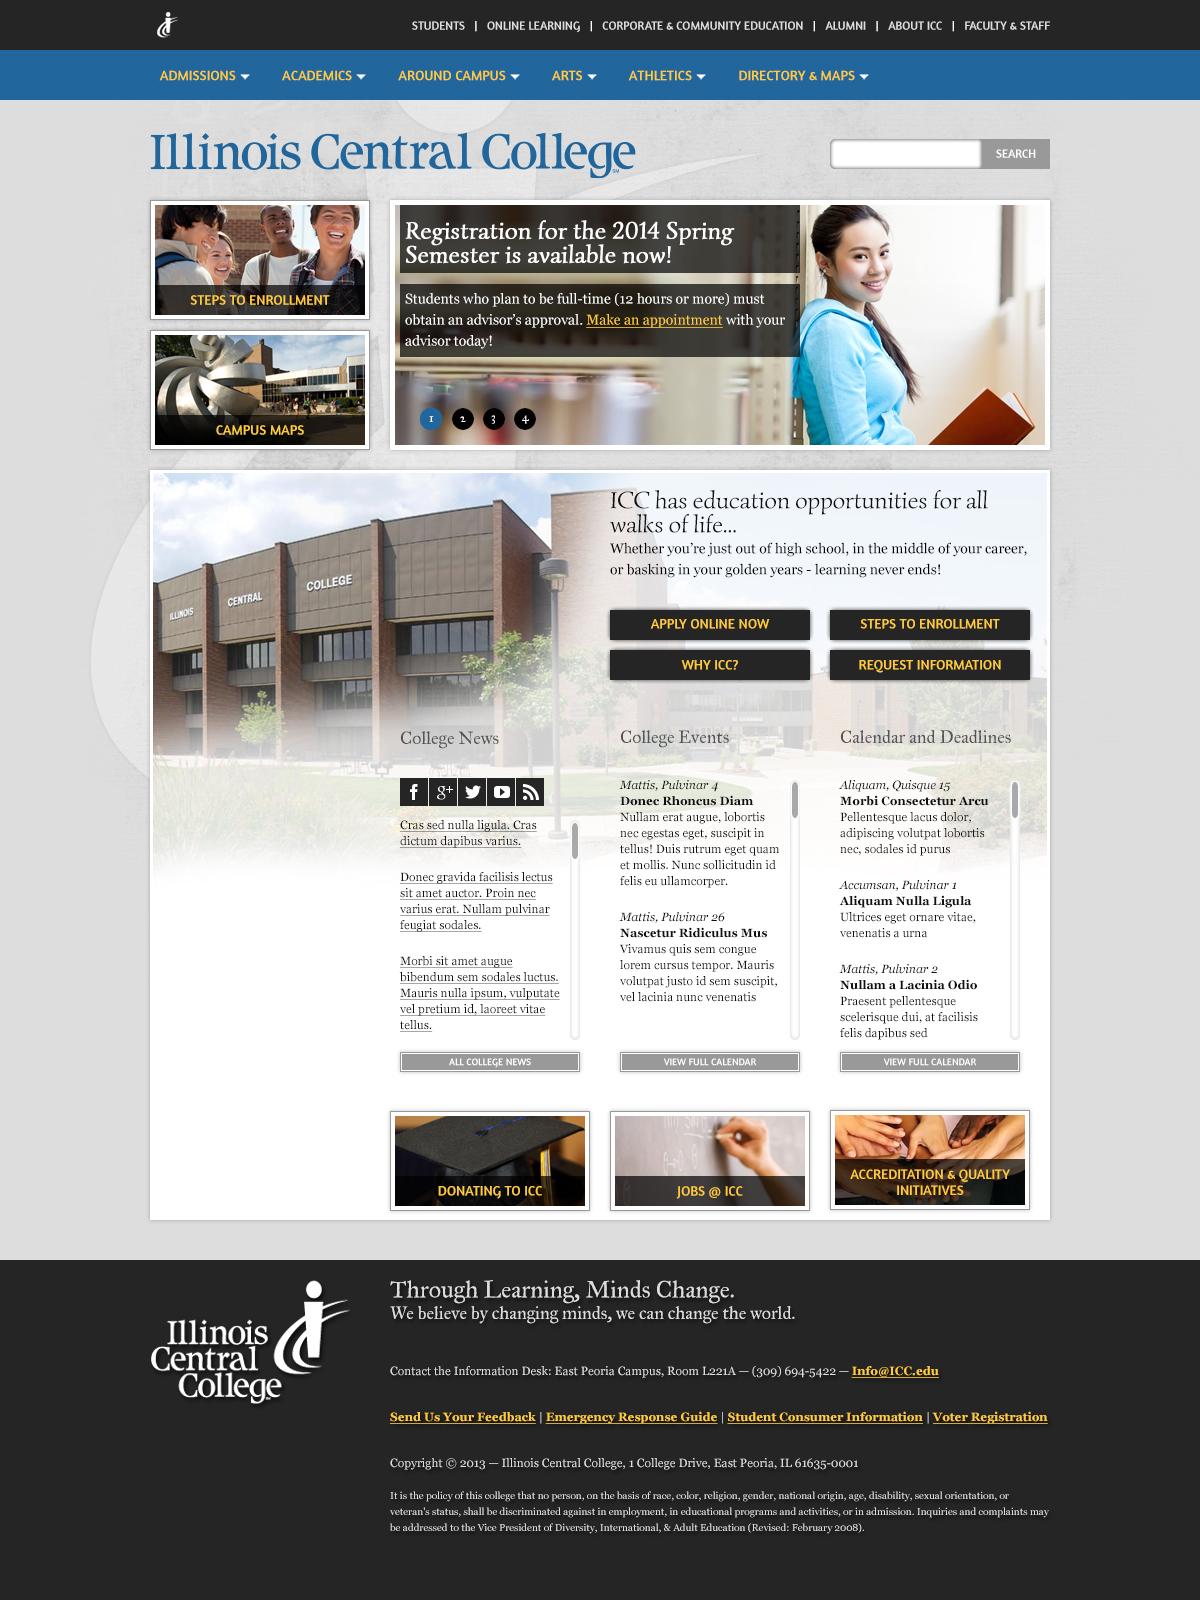 Introducing icc.edu 2.0